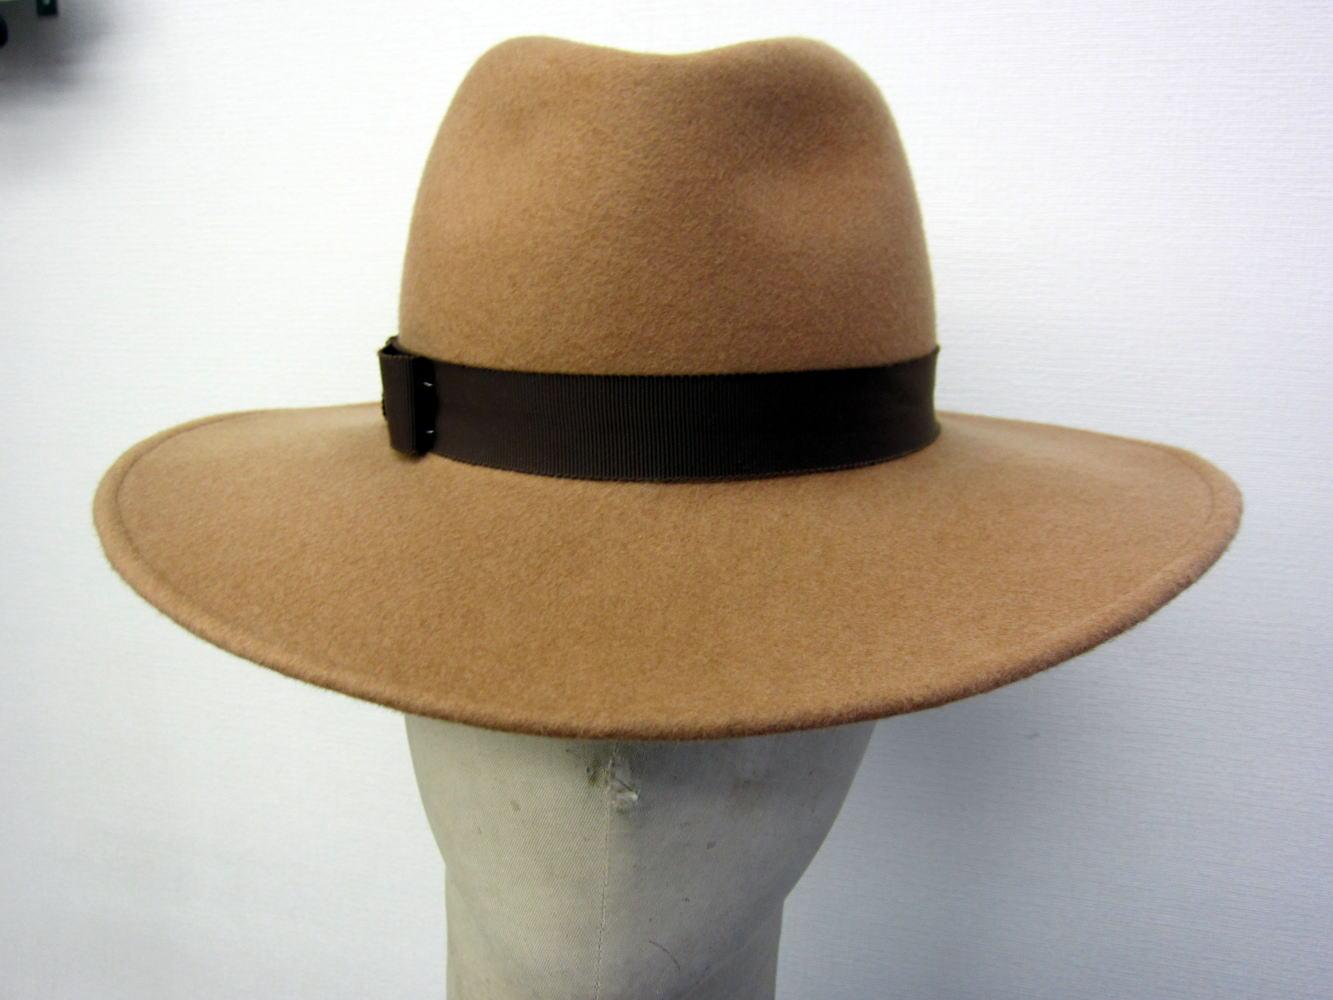 ソフト帽 正面